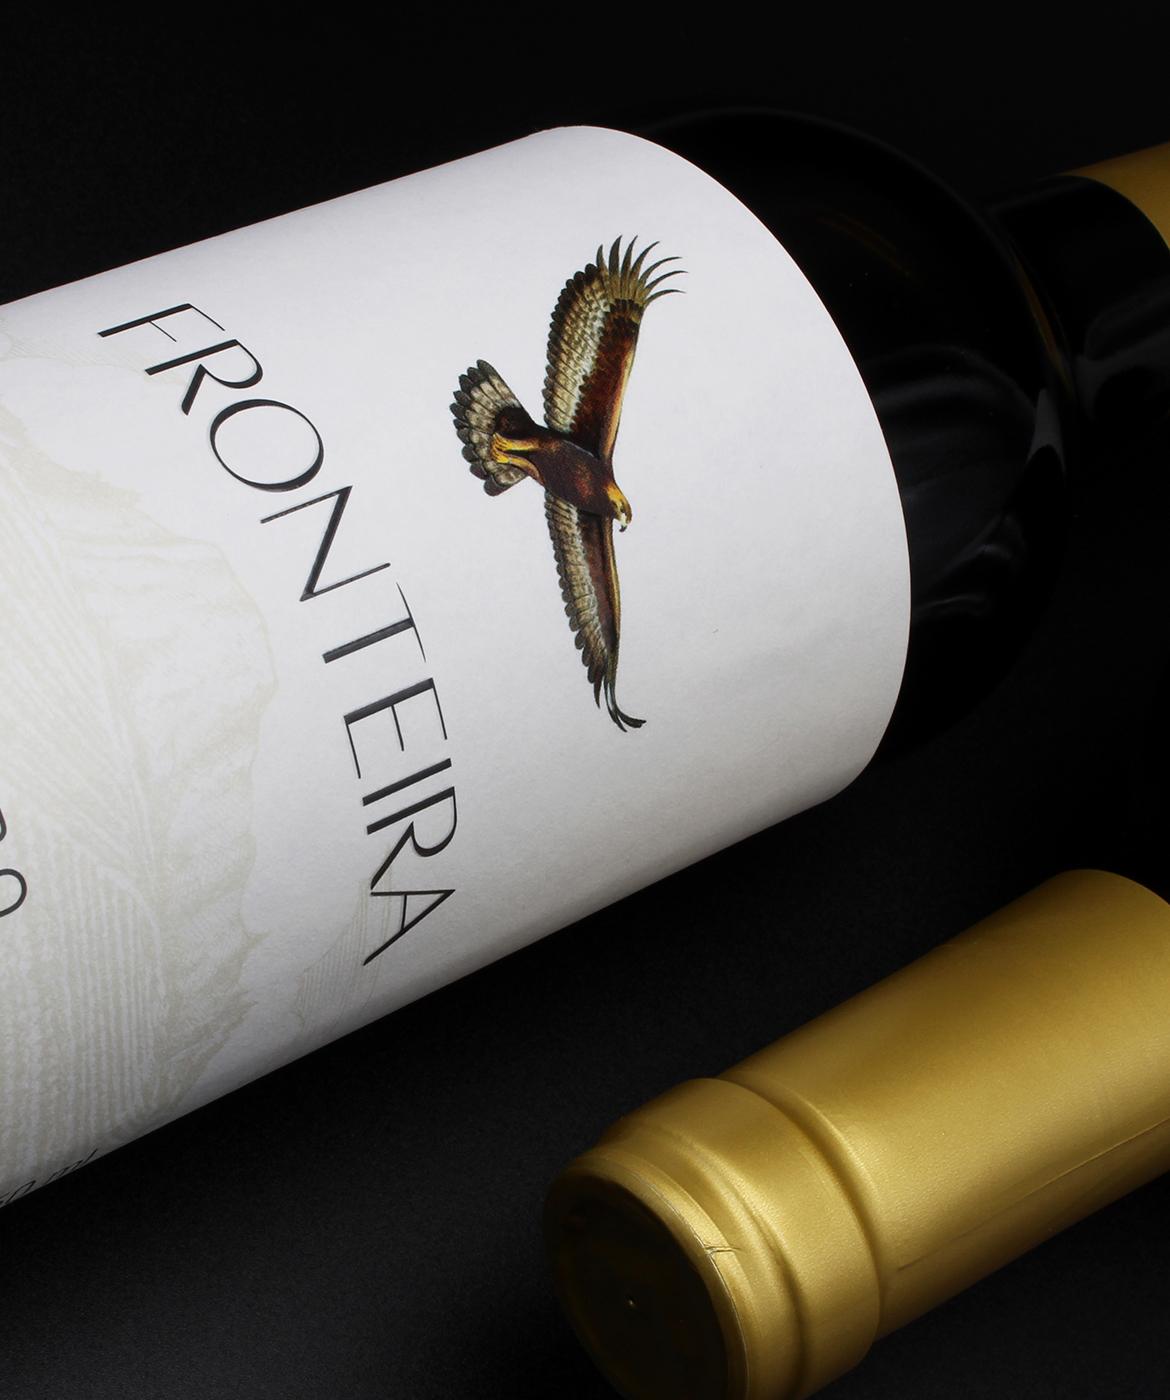 Fronteira Colheita Tinto | Vinhos Tintos | Quinta dos Castelares